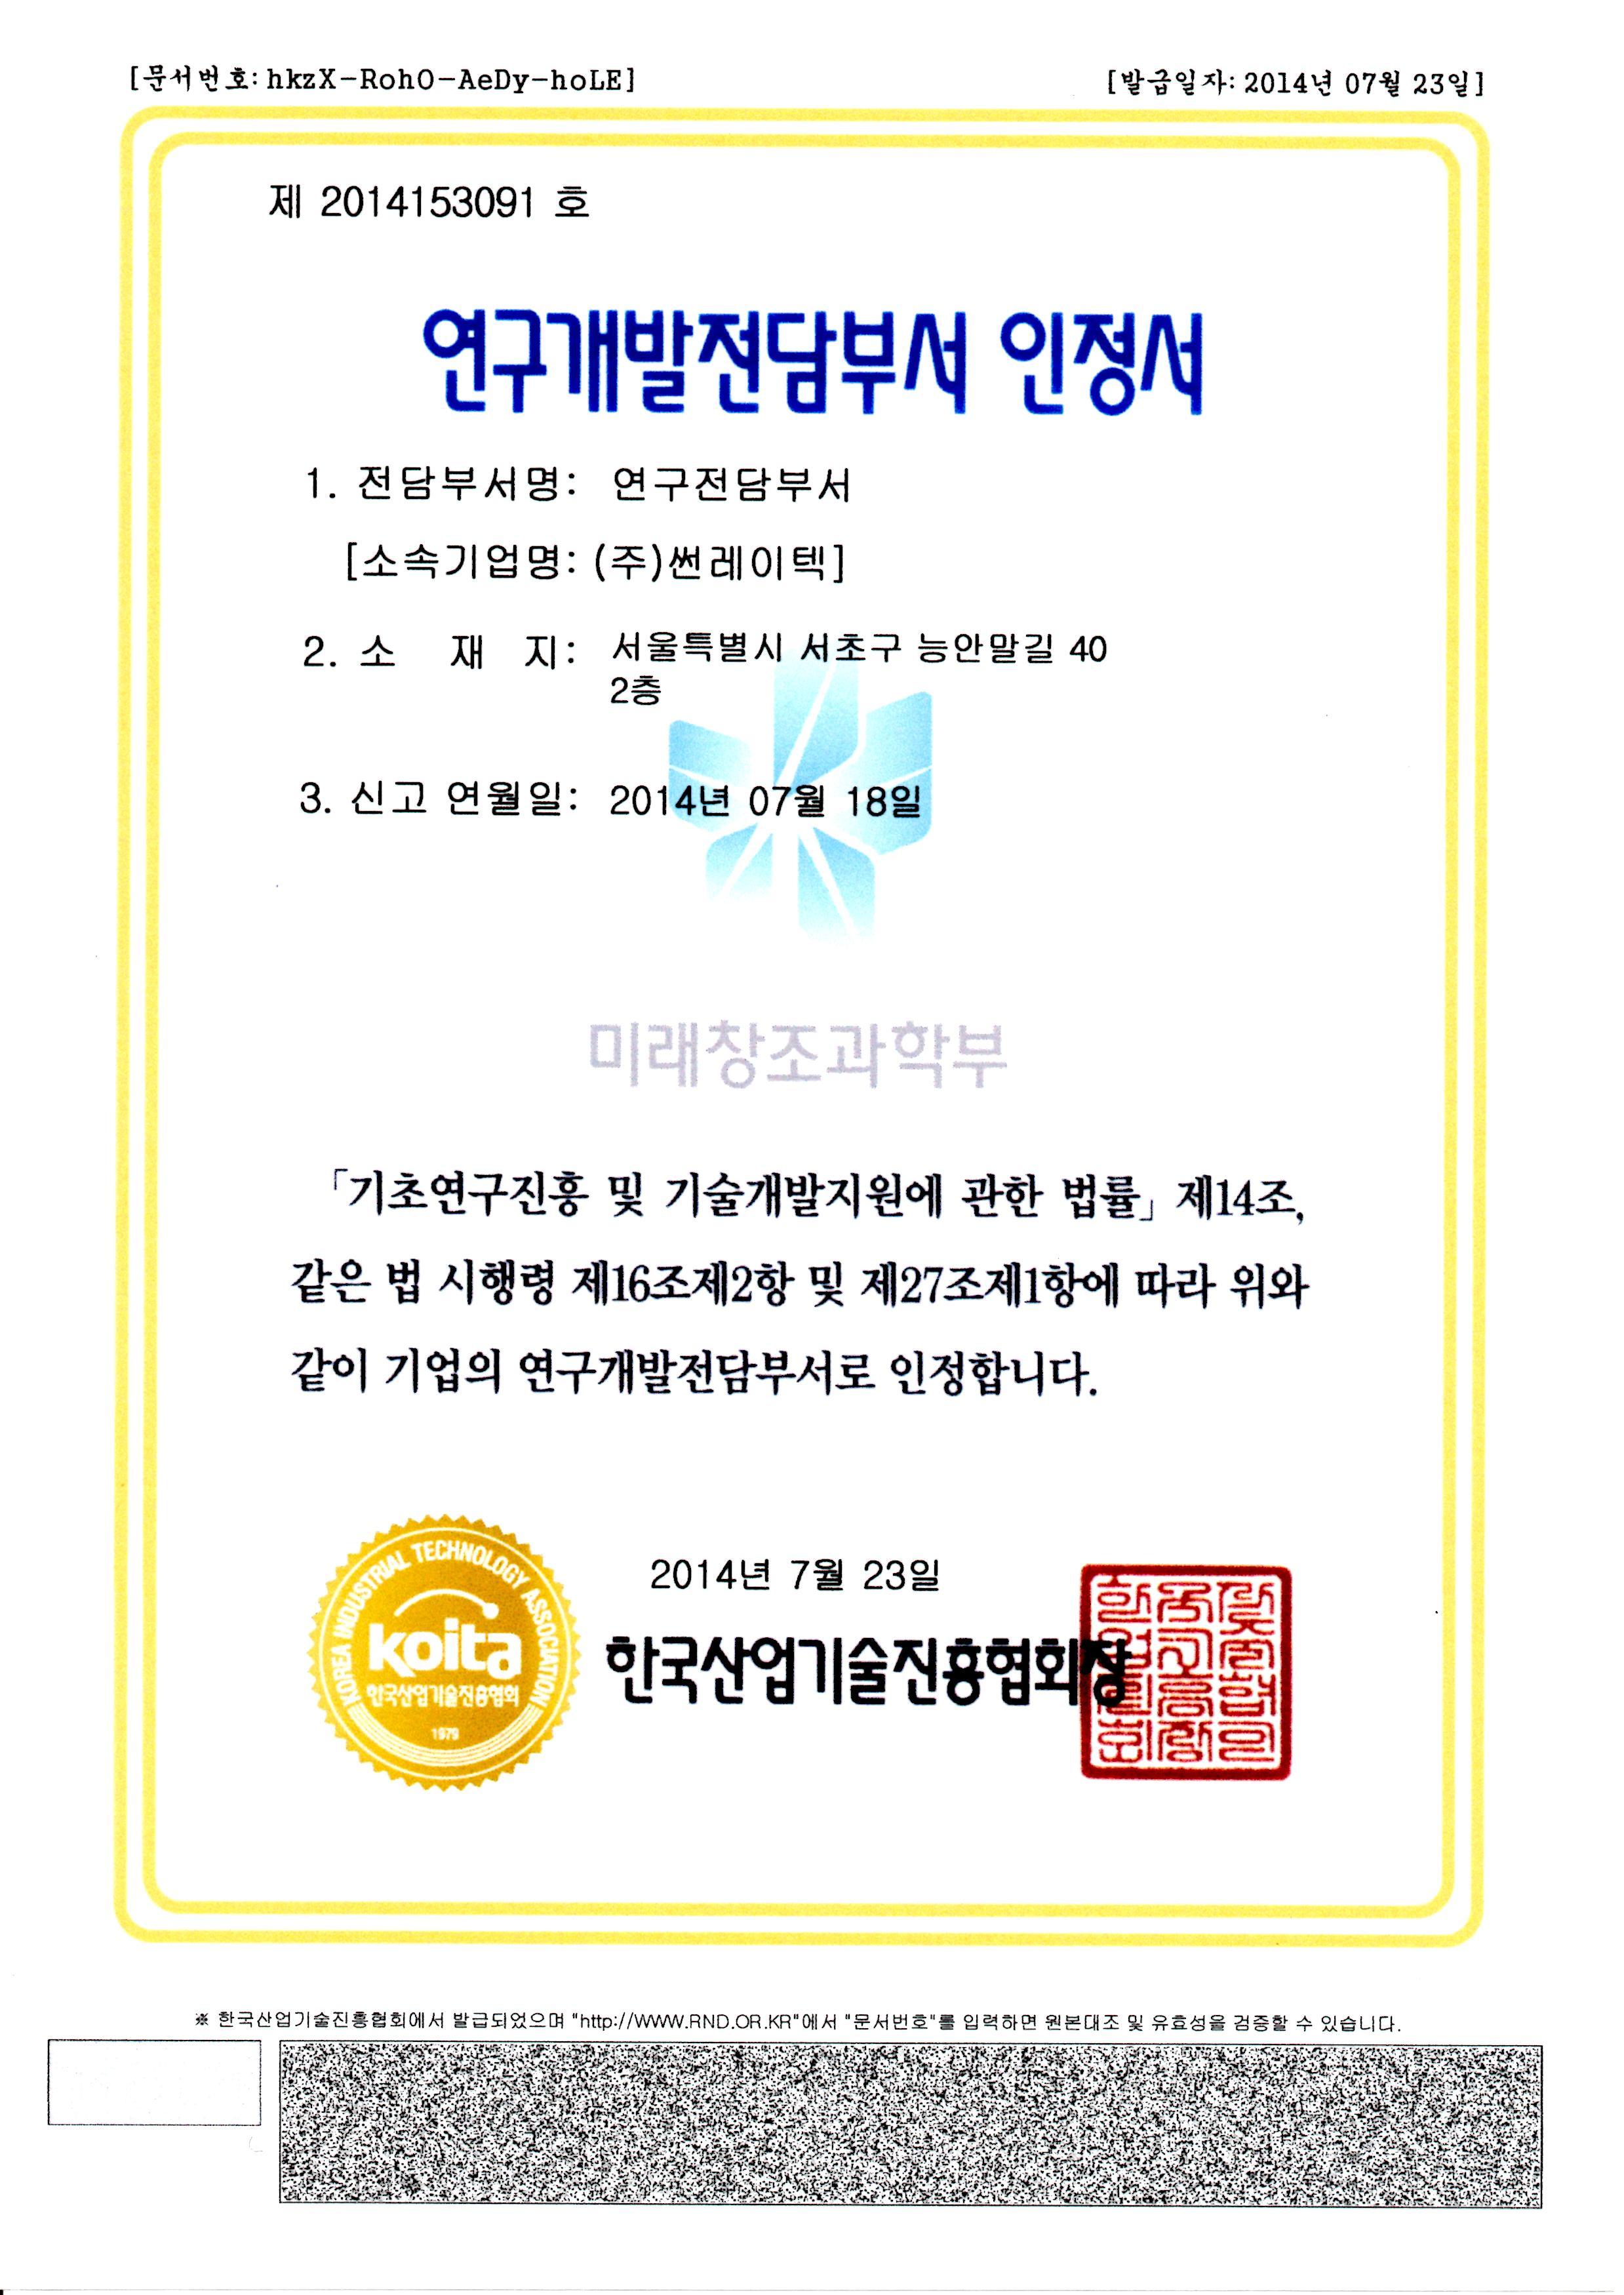 140723 연구전담부서인정서-썬레이텍.jpg